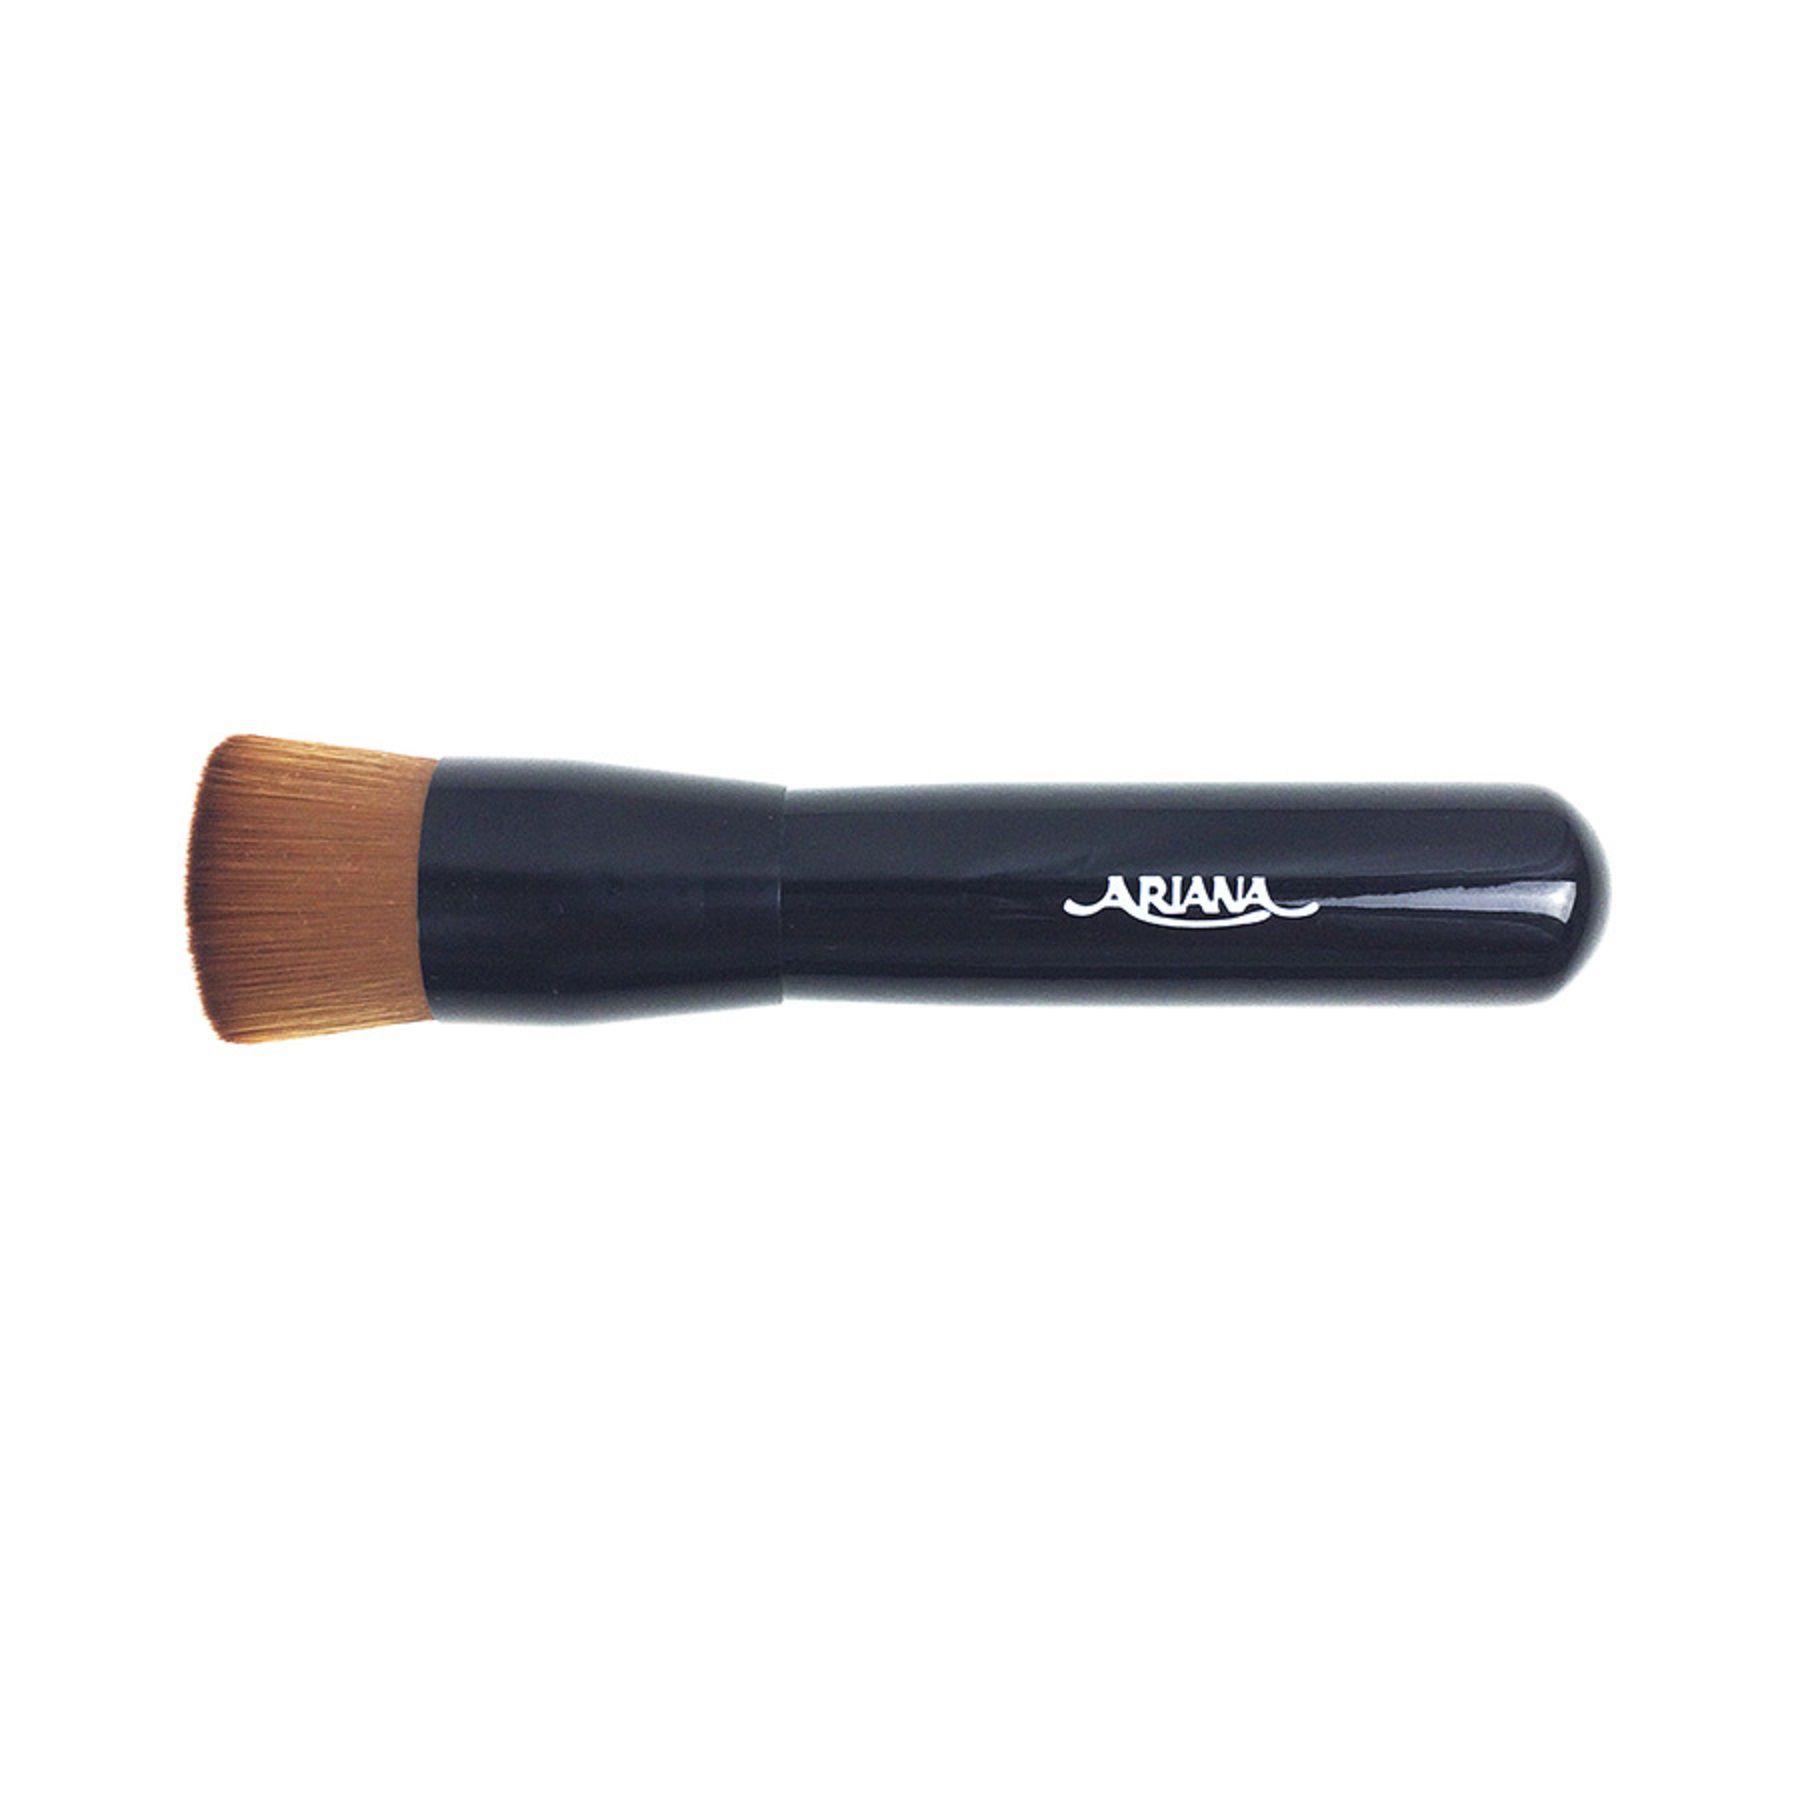 Pincel maquiagem para aplicação de base Ariana 737